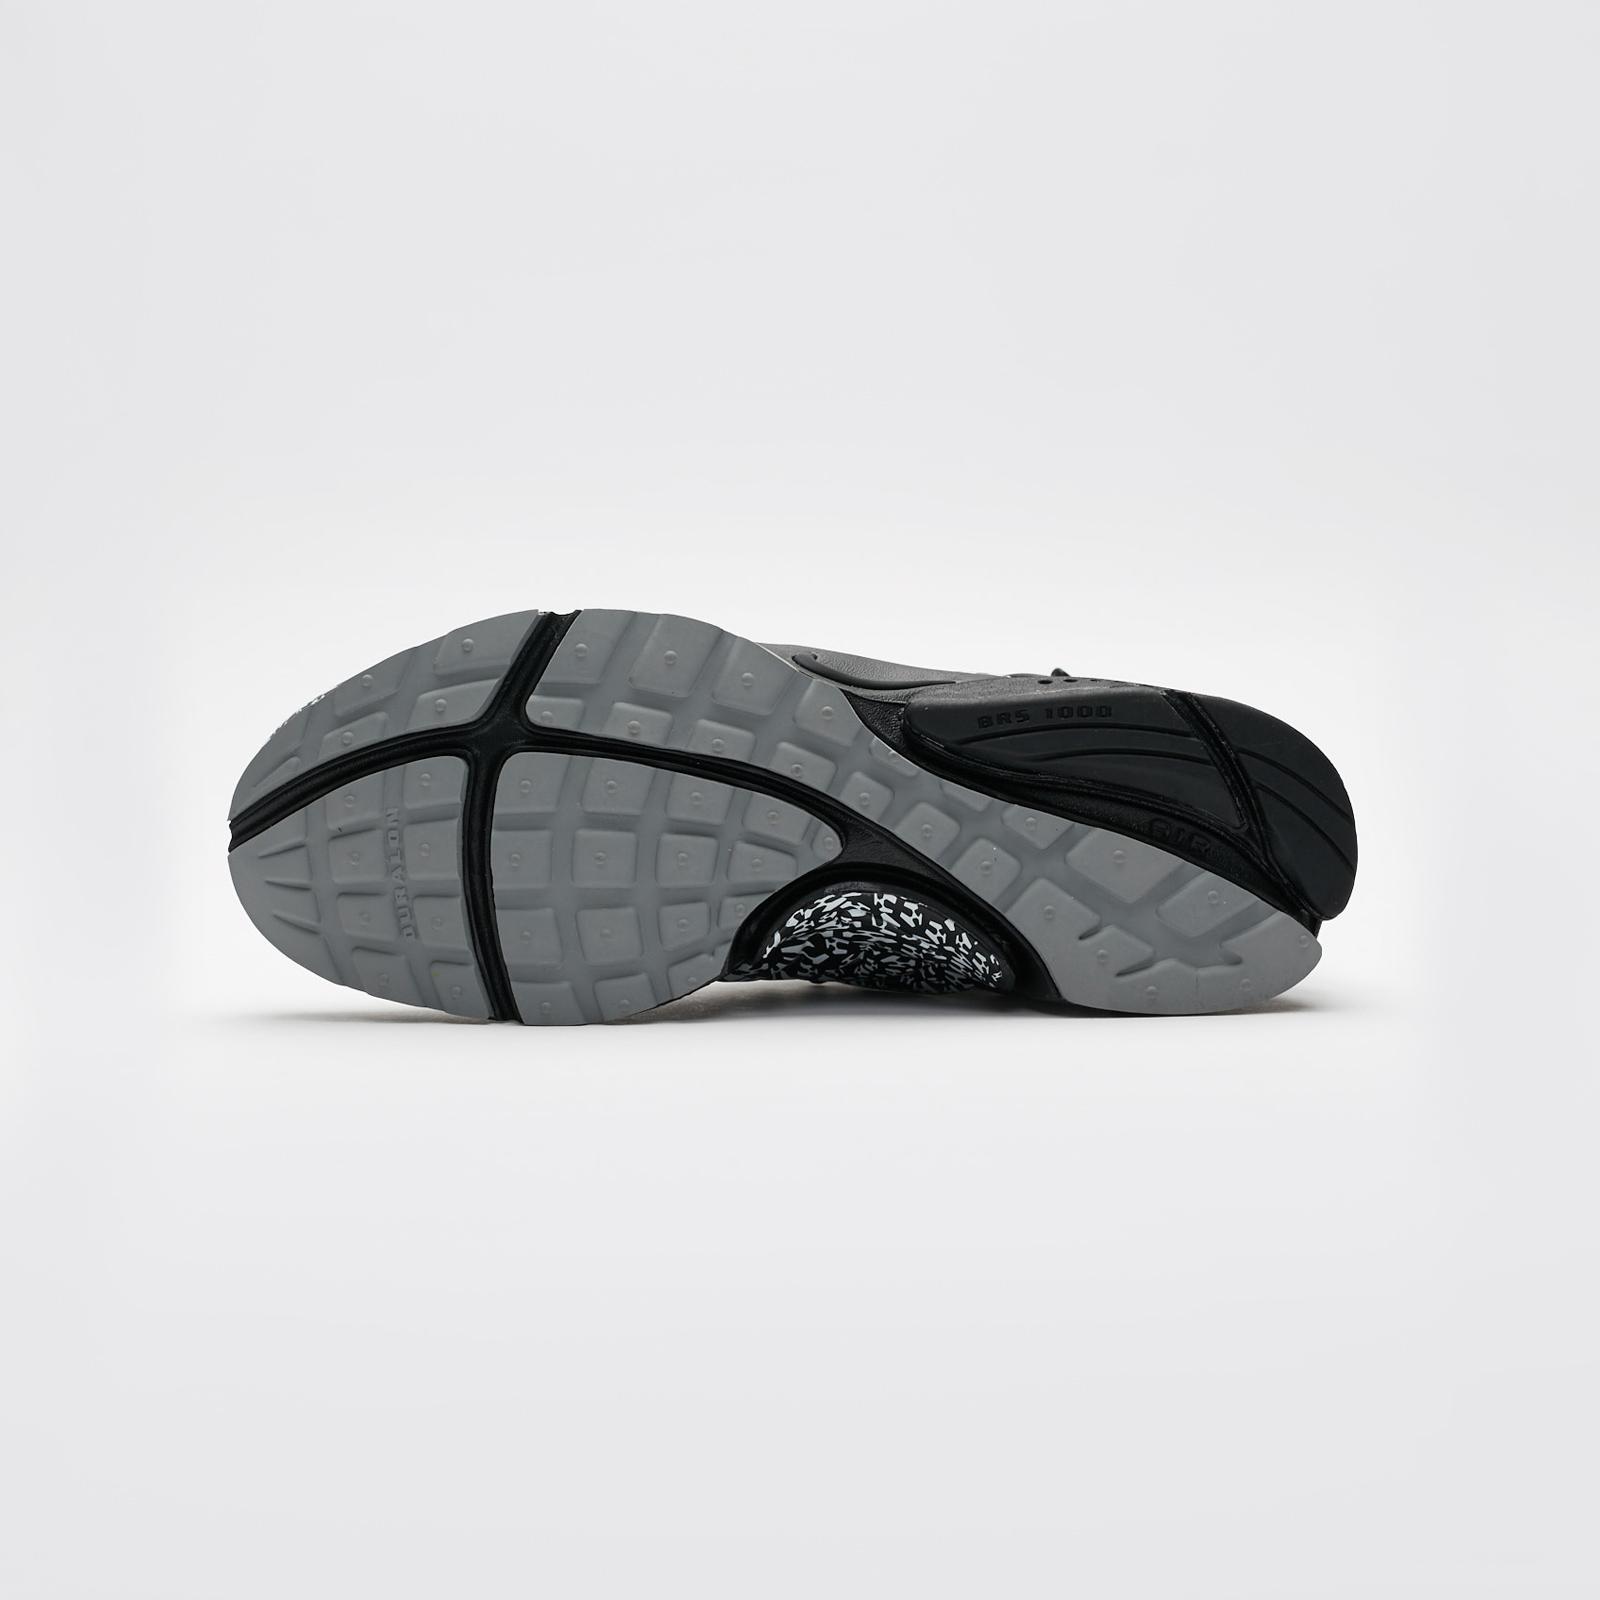 Nike Air Presto Mid x Acronym - Ah7832-001 - Sneakersnstuff ... d869236c7